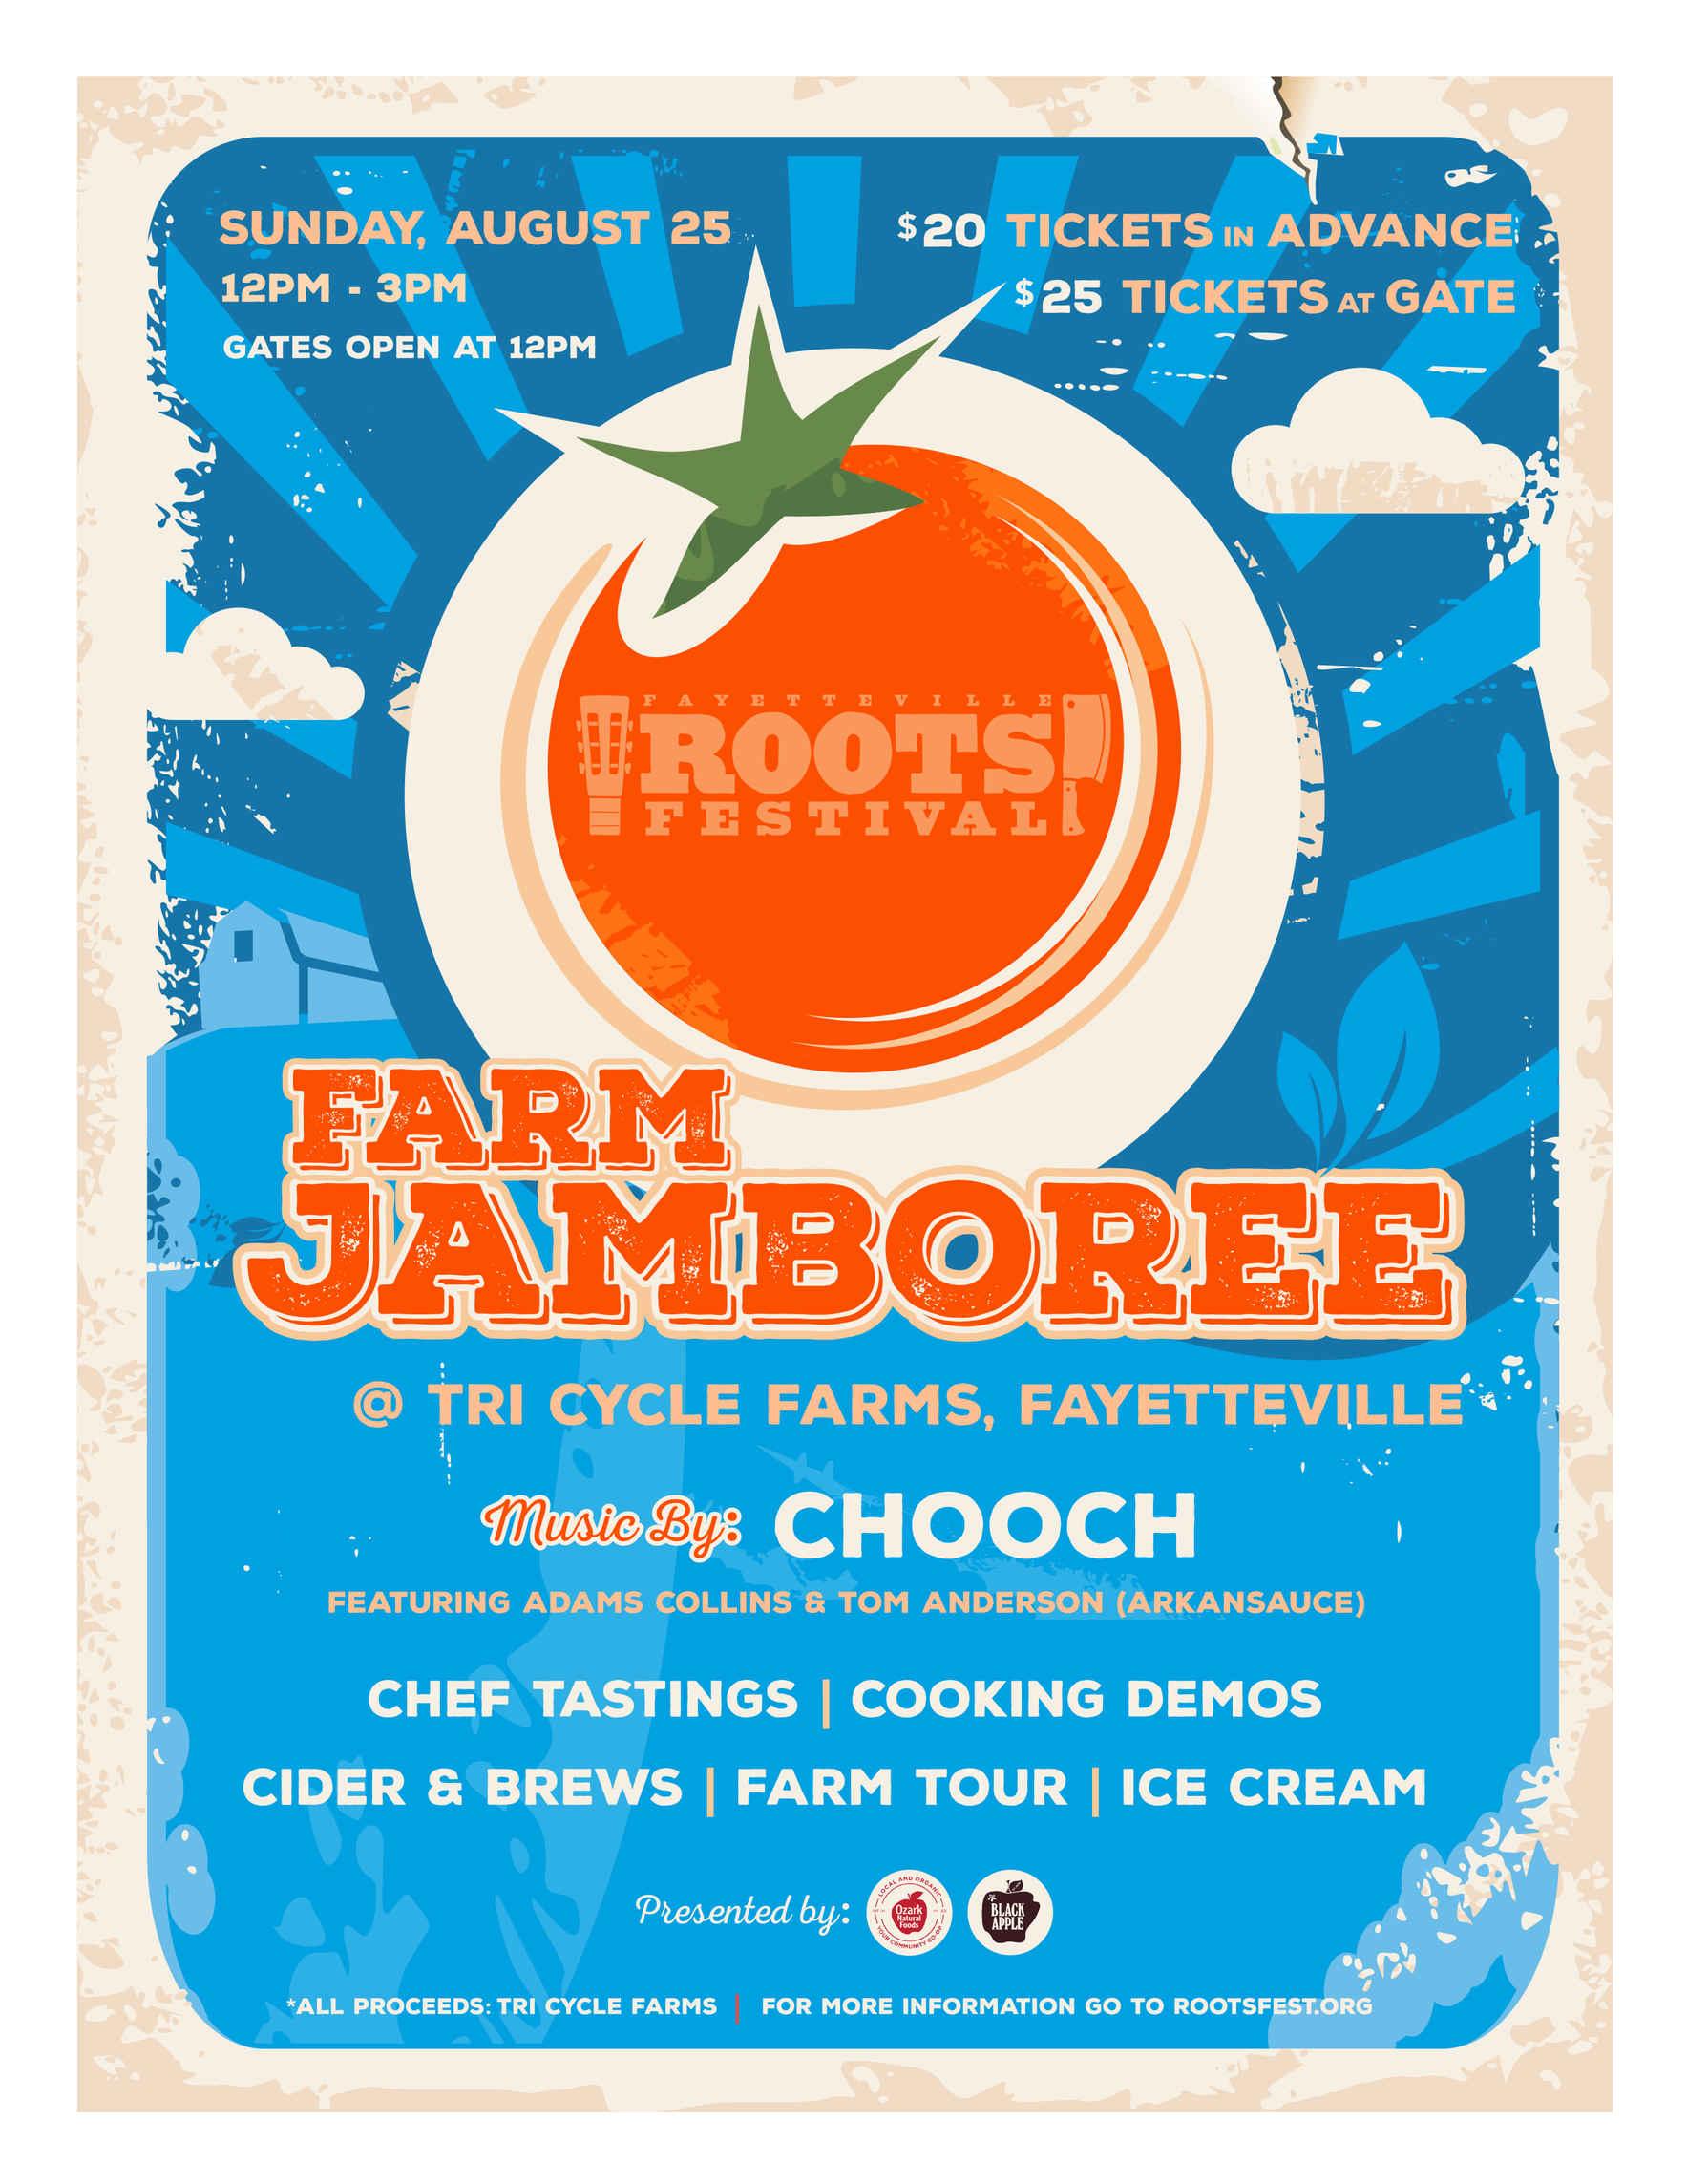 Roots Fest Farm Jamboree image